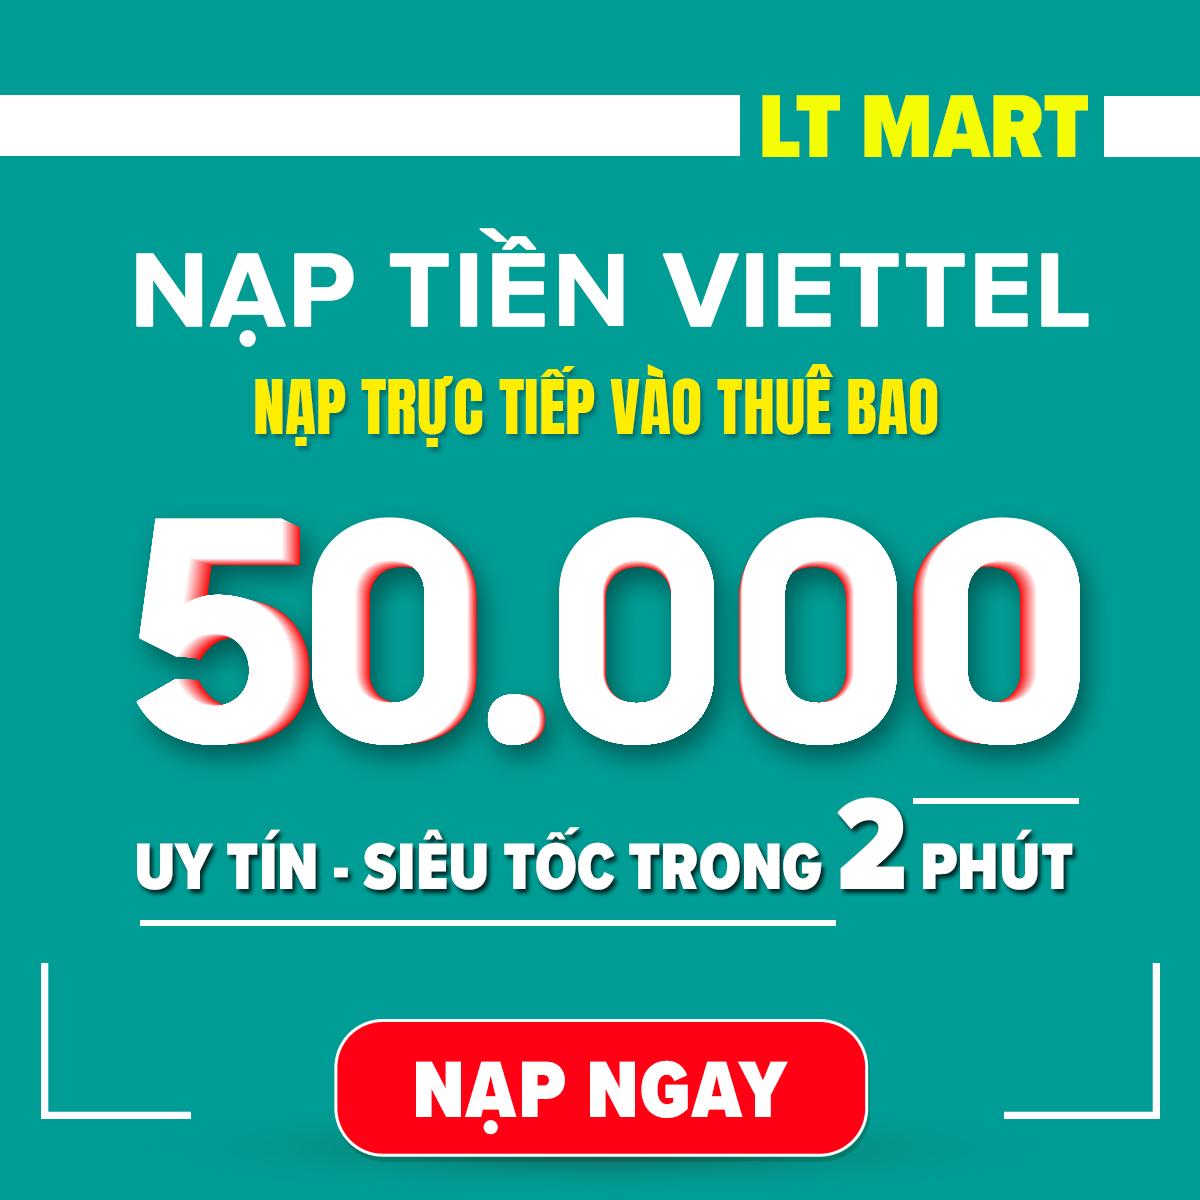 Nạp tiền Viettel 50.000 (Nạp tiền trực tiếp vào thuê bao trả trước,trả sau của Viettel) nạp tiền điện thoại LTmart - Uy tín, thao tác nhanh chóng